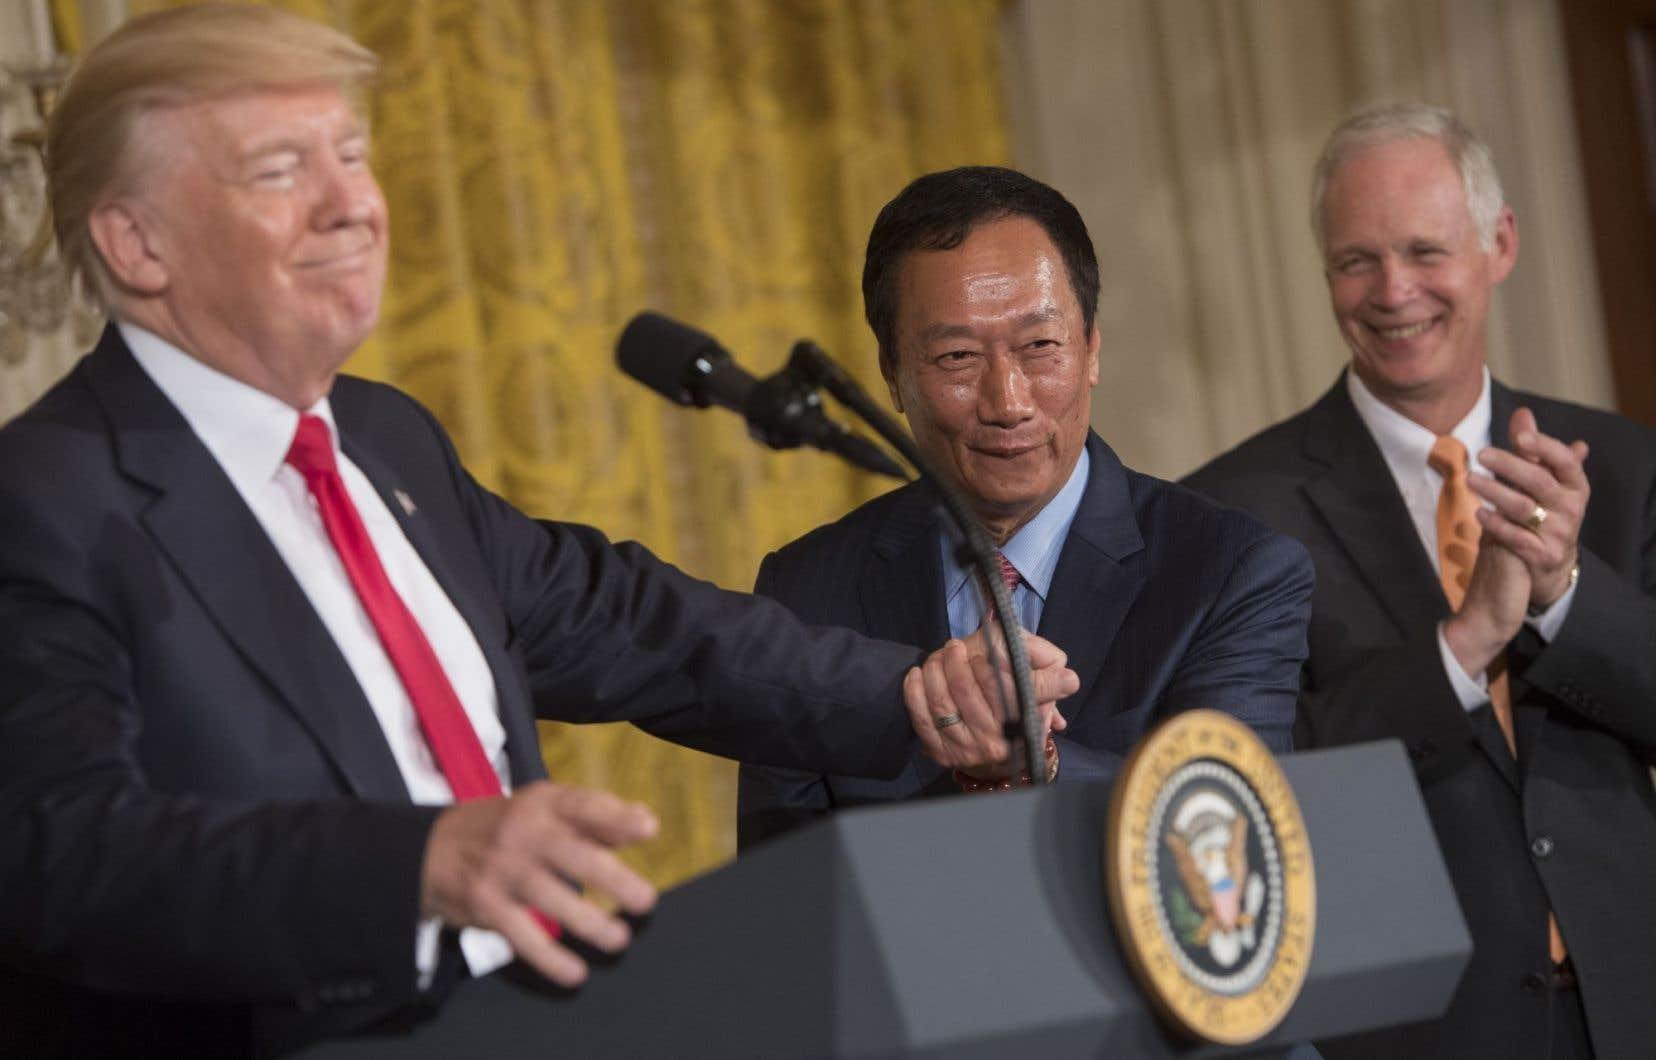 La Maison-Blanche a tenu à souligner le rôle personnel joué par le président Donald Trump, qui vante souvent sa capacité à conclure un «deal».